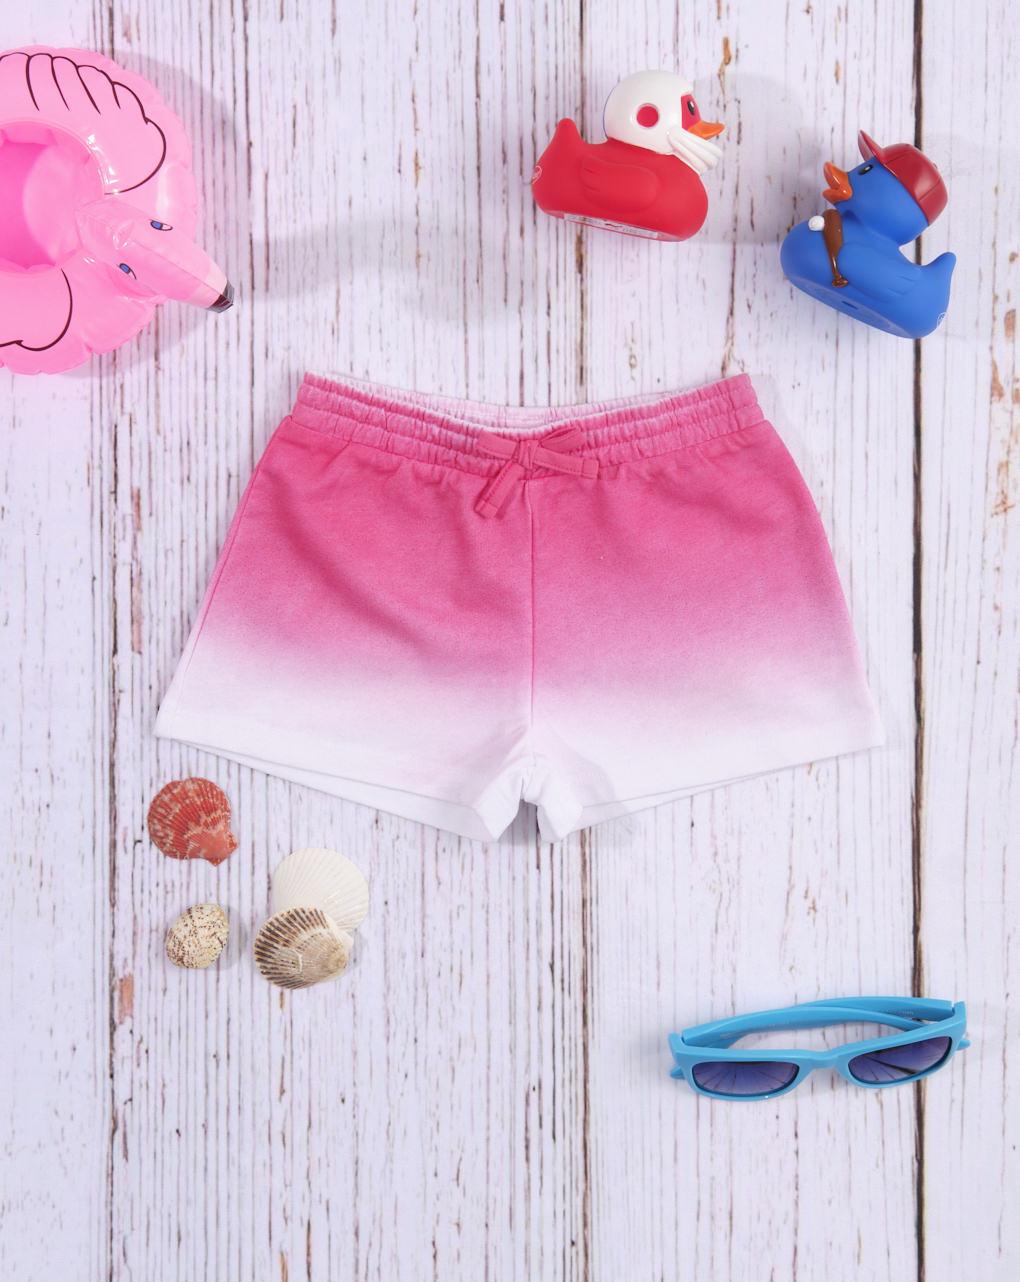 Σορτσάκι Jersey Ροζ Σκιασμένο για Κορίτσι